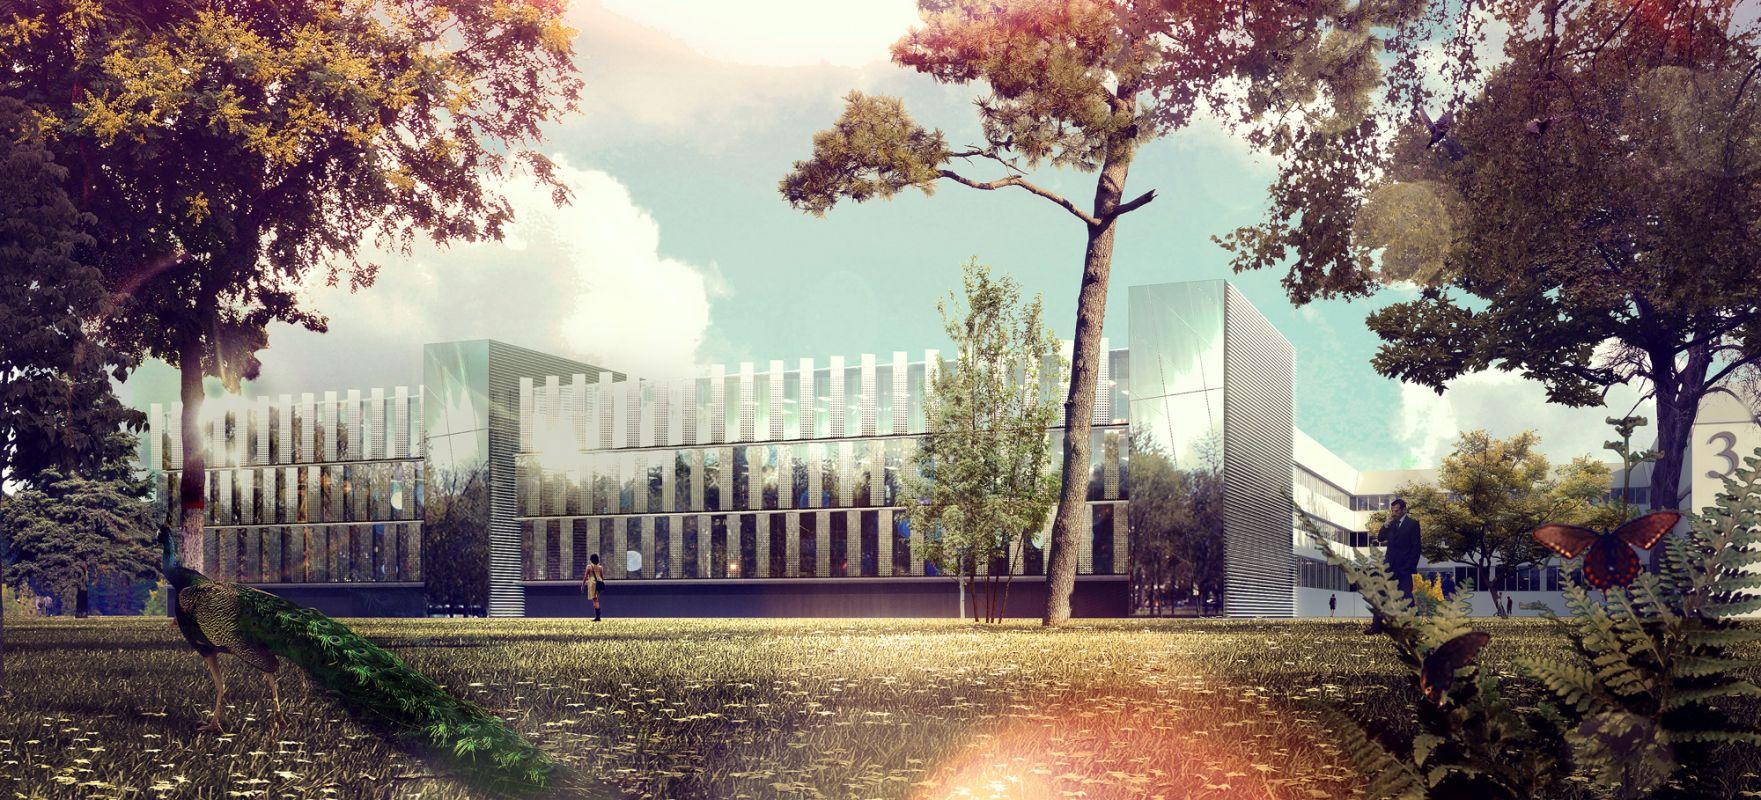 Extensions des laboratoires de l'Ecole Polytechnique